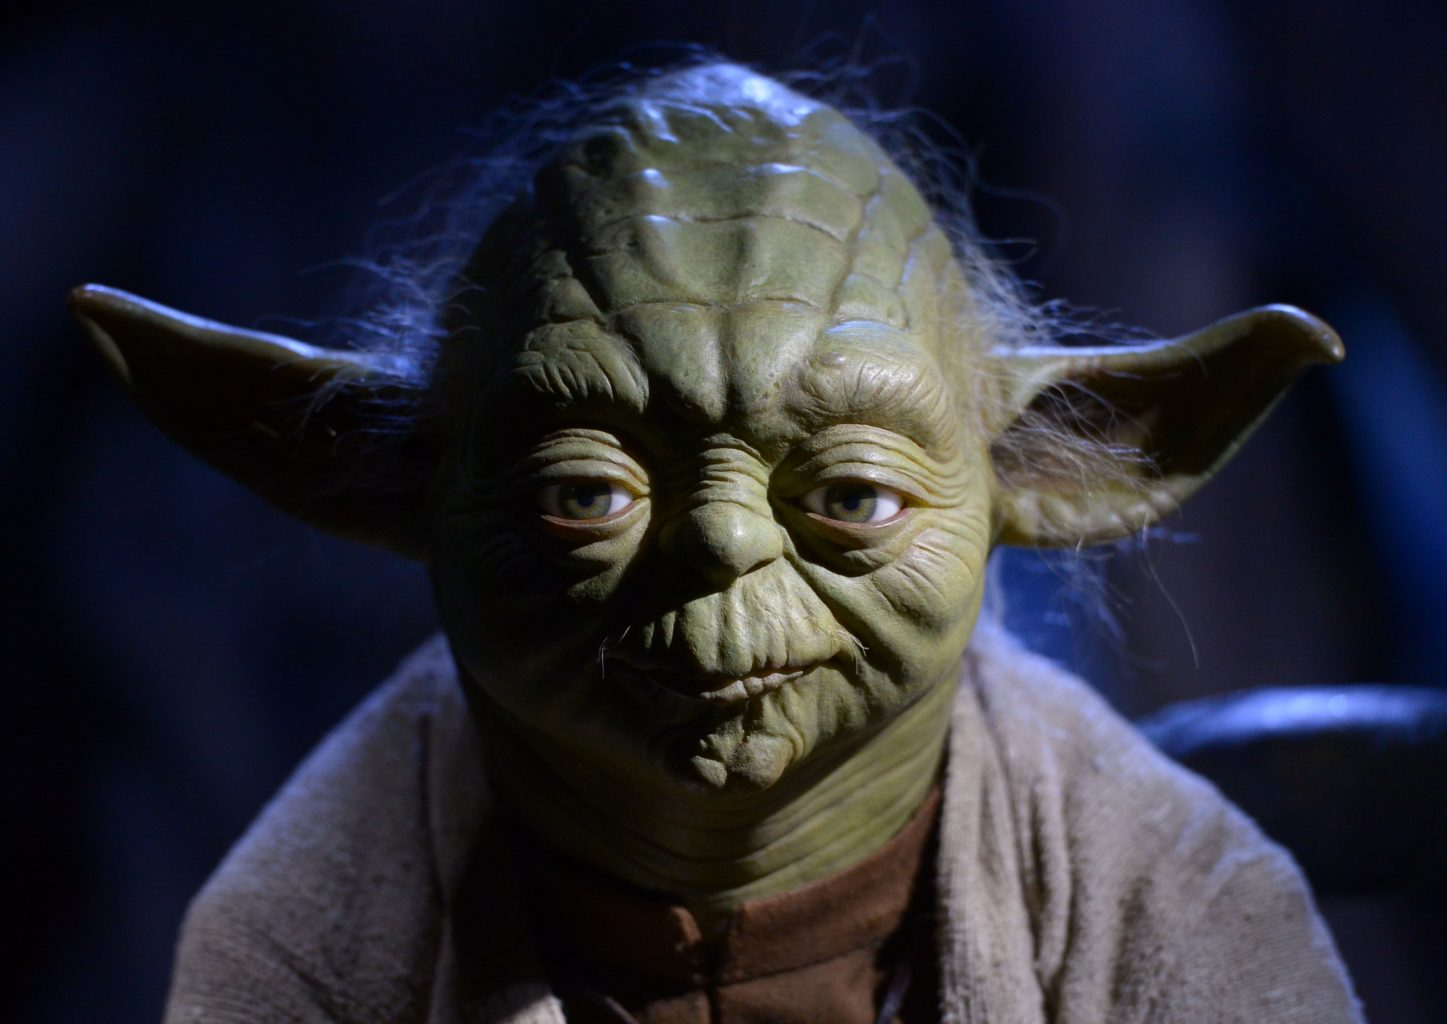 Фанатам Disney спокойной ночи будет желать мастер Йoда, и не только он